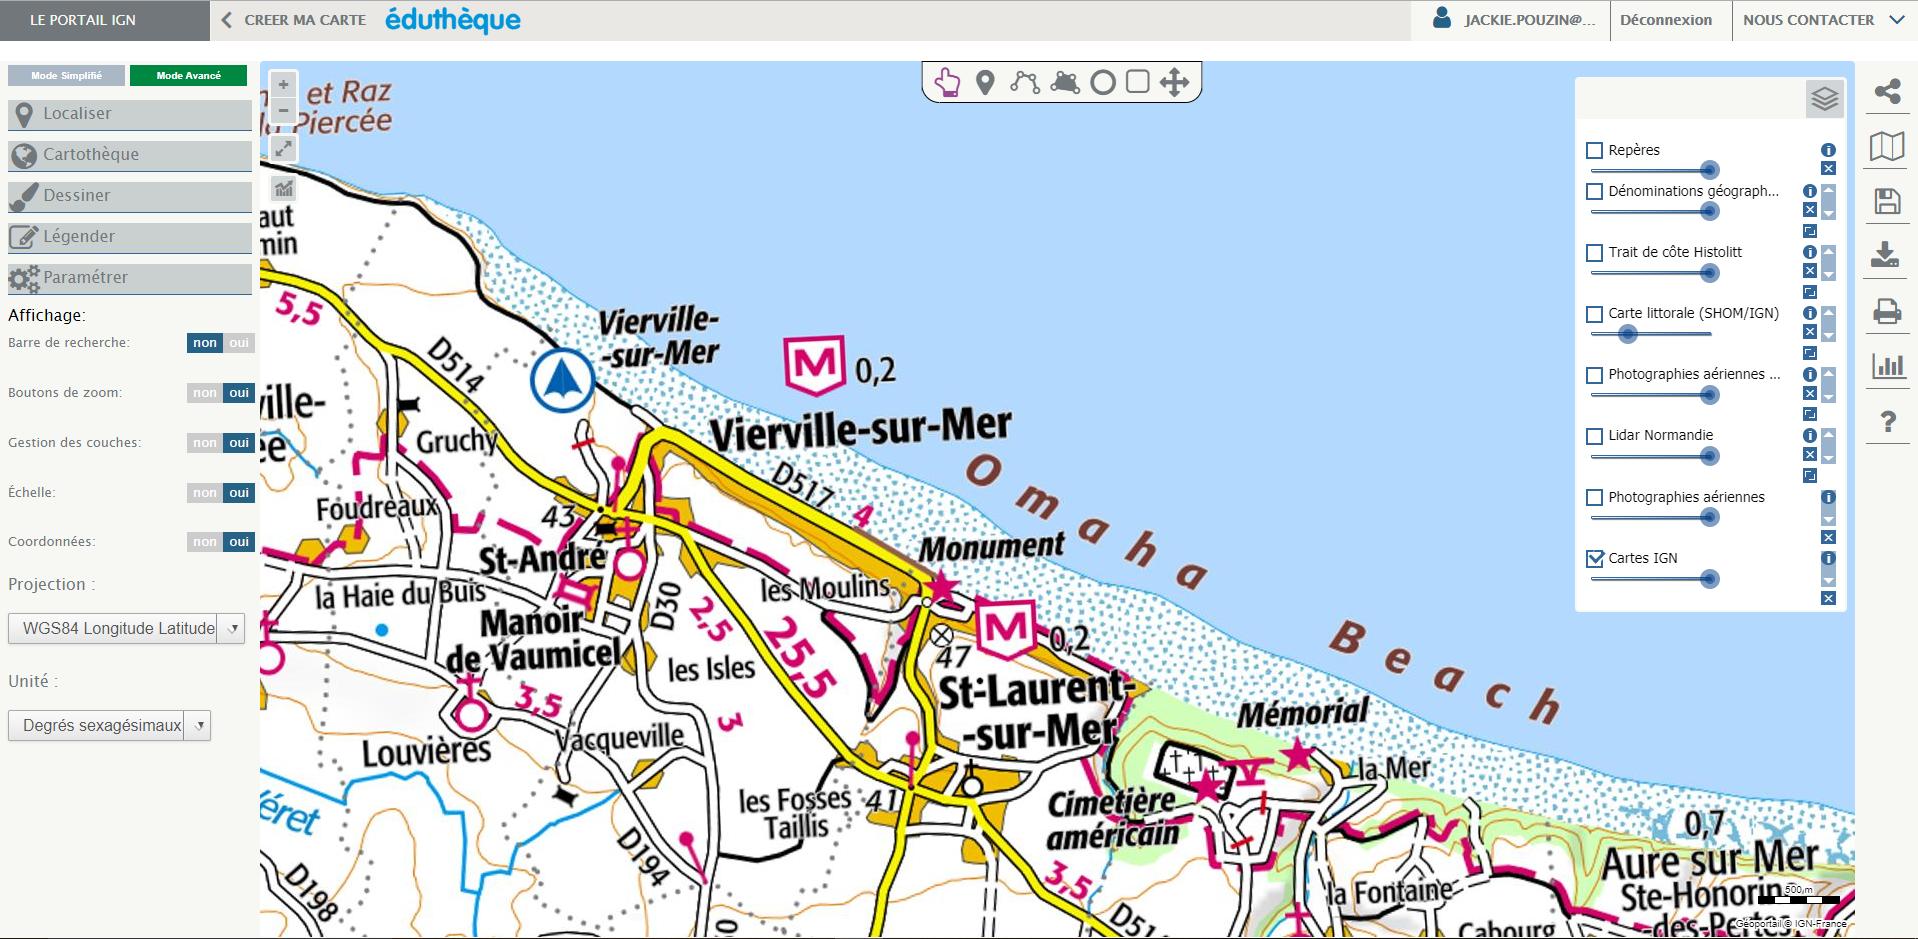 Capture d'écran d'une carte